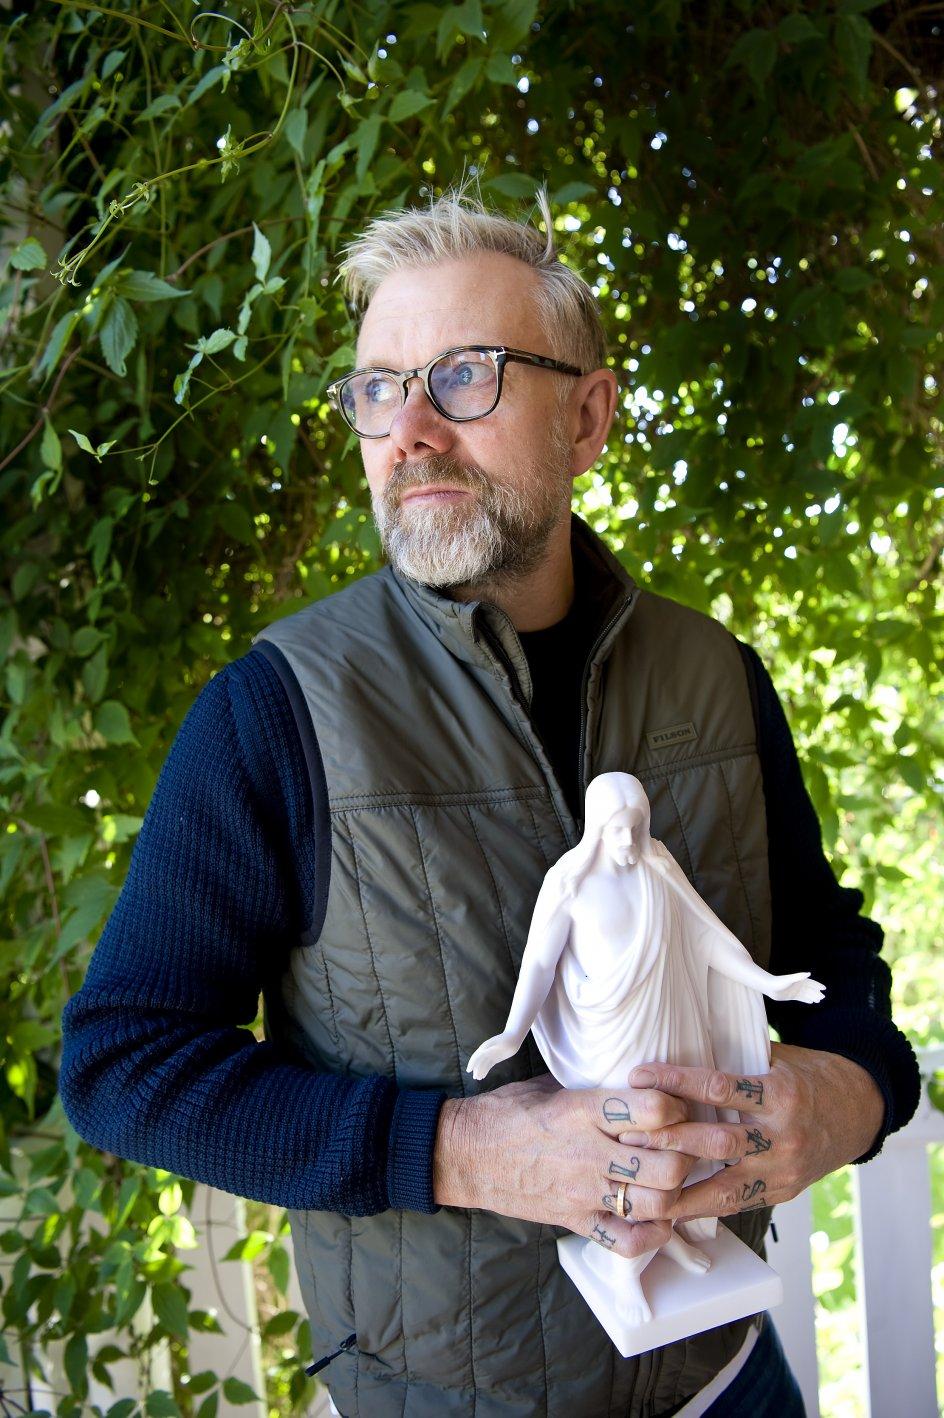 """Thorvaldsens Kristus var en gave til Casper Christensen, da han blev døbt i august. I forbindelse med sin eksistentielle oprydning har han fået tatoveret den gamle sømandstatovering """"Hold fast"""" på otte fingre. Nu vil han have tatoveret et kors som et udtryk for det kærlige nærvær, han erfarer. – Foto: Leif Tuxen."""